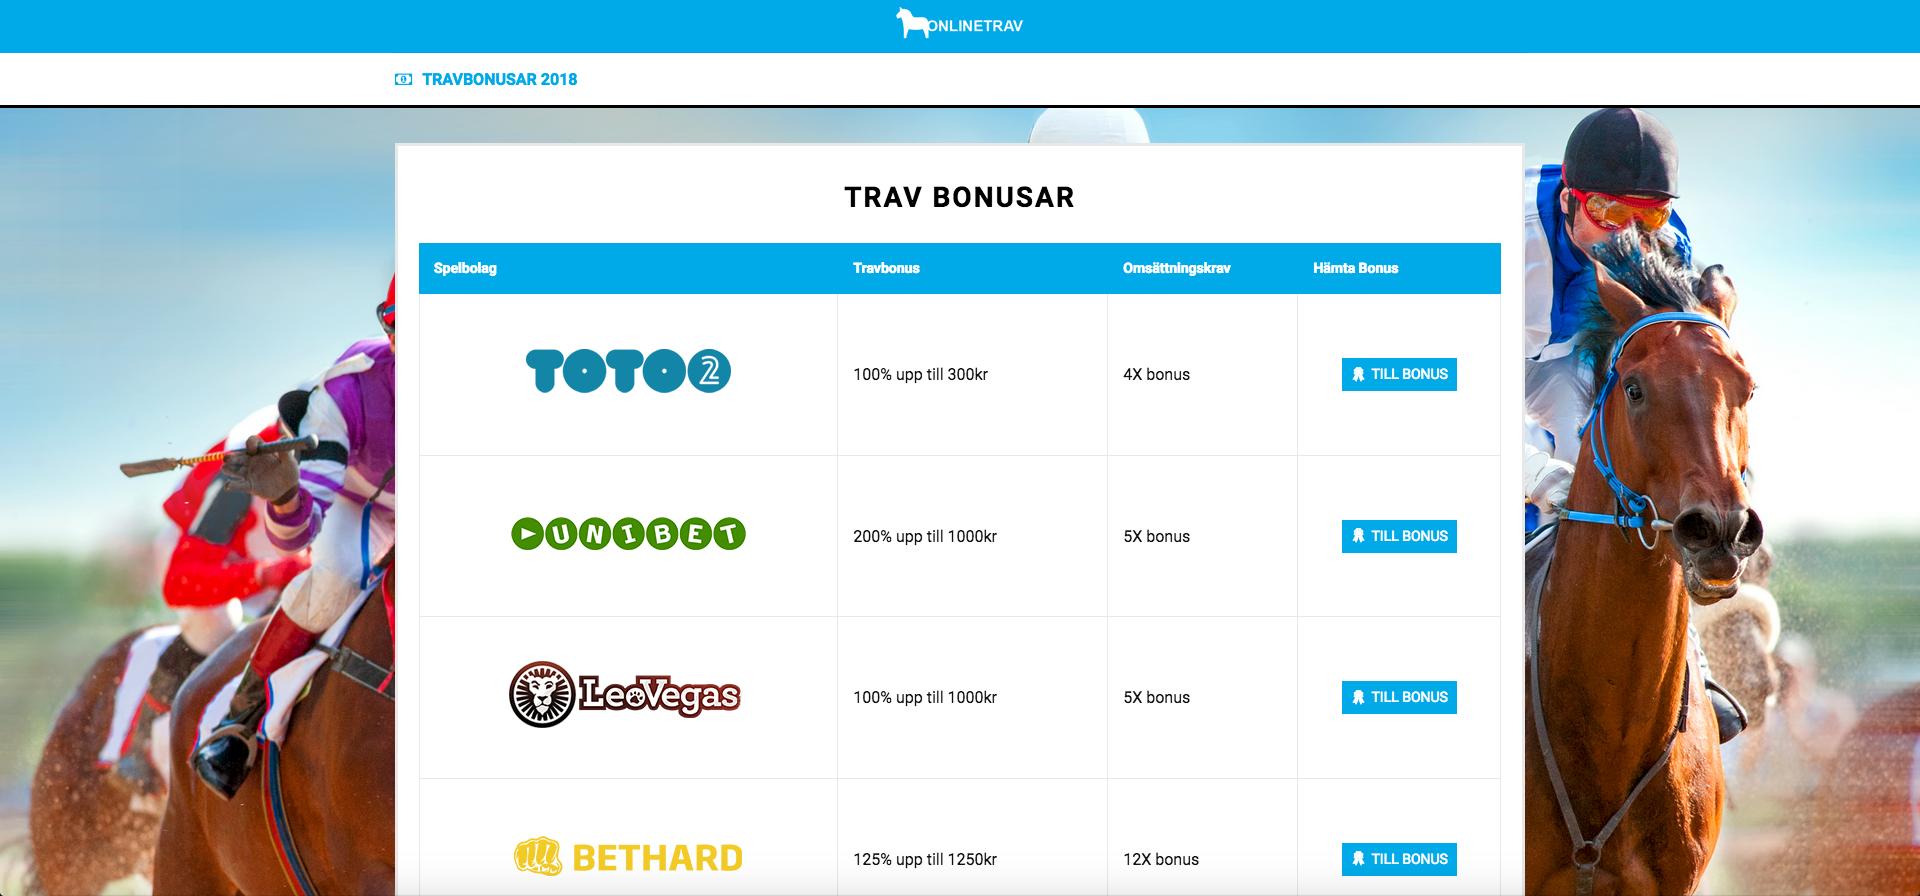 Trav bonusar med OnlineTrav.se